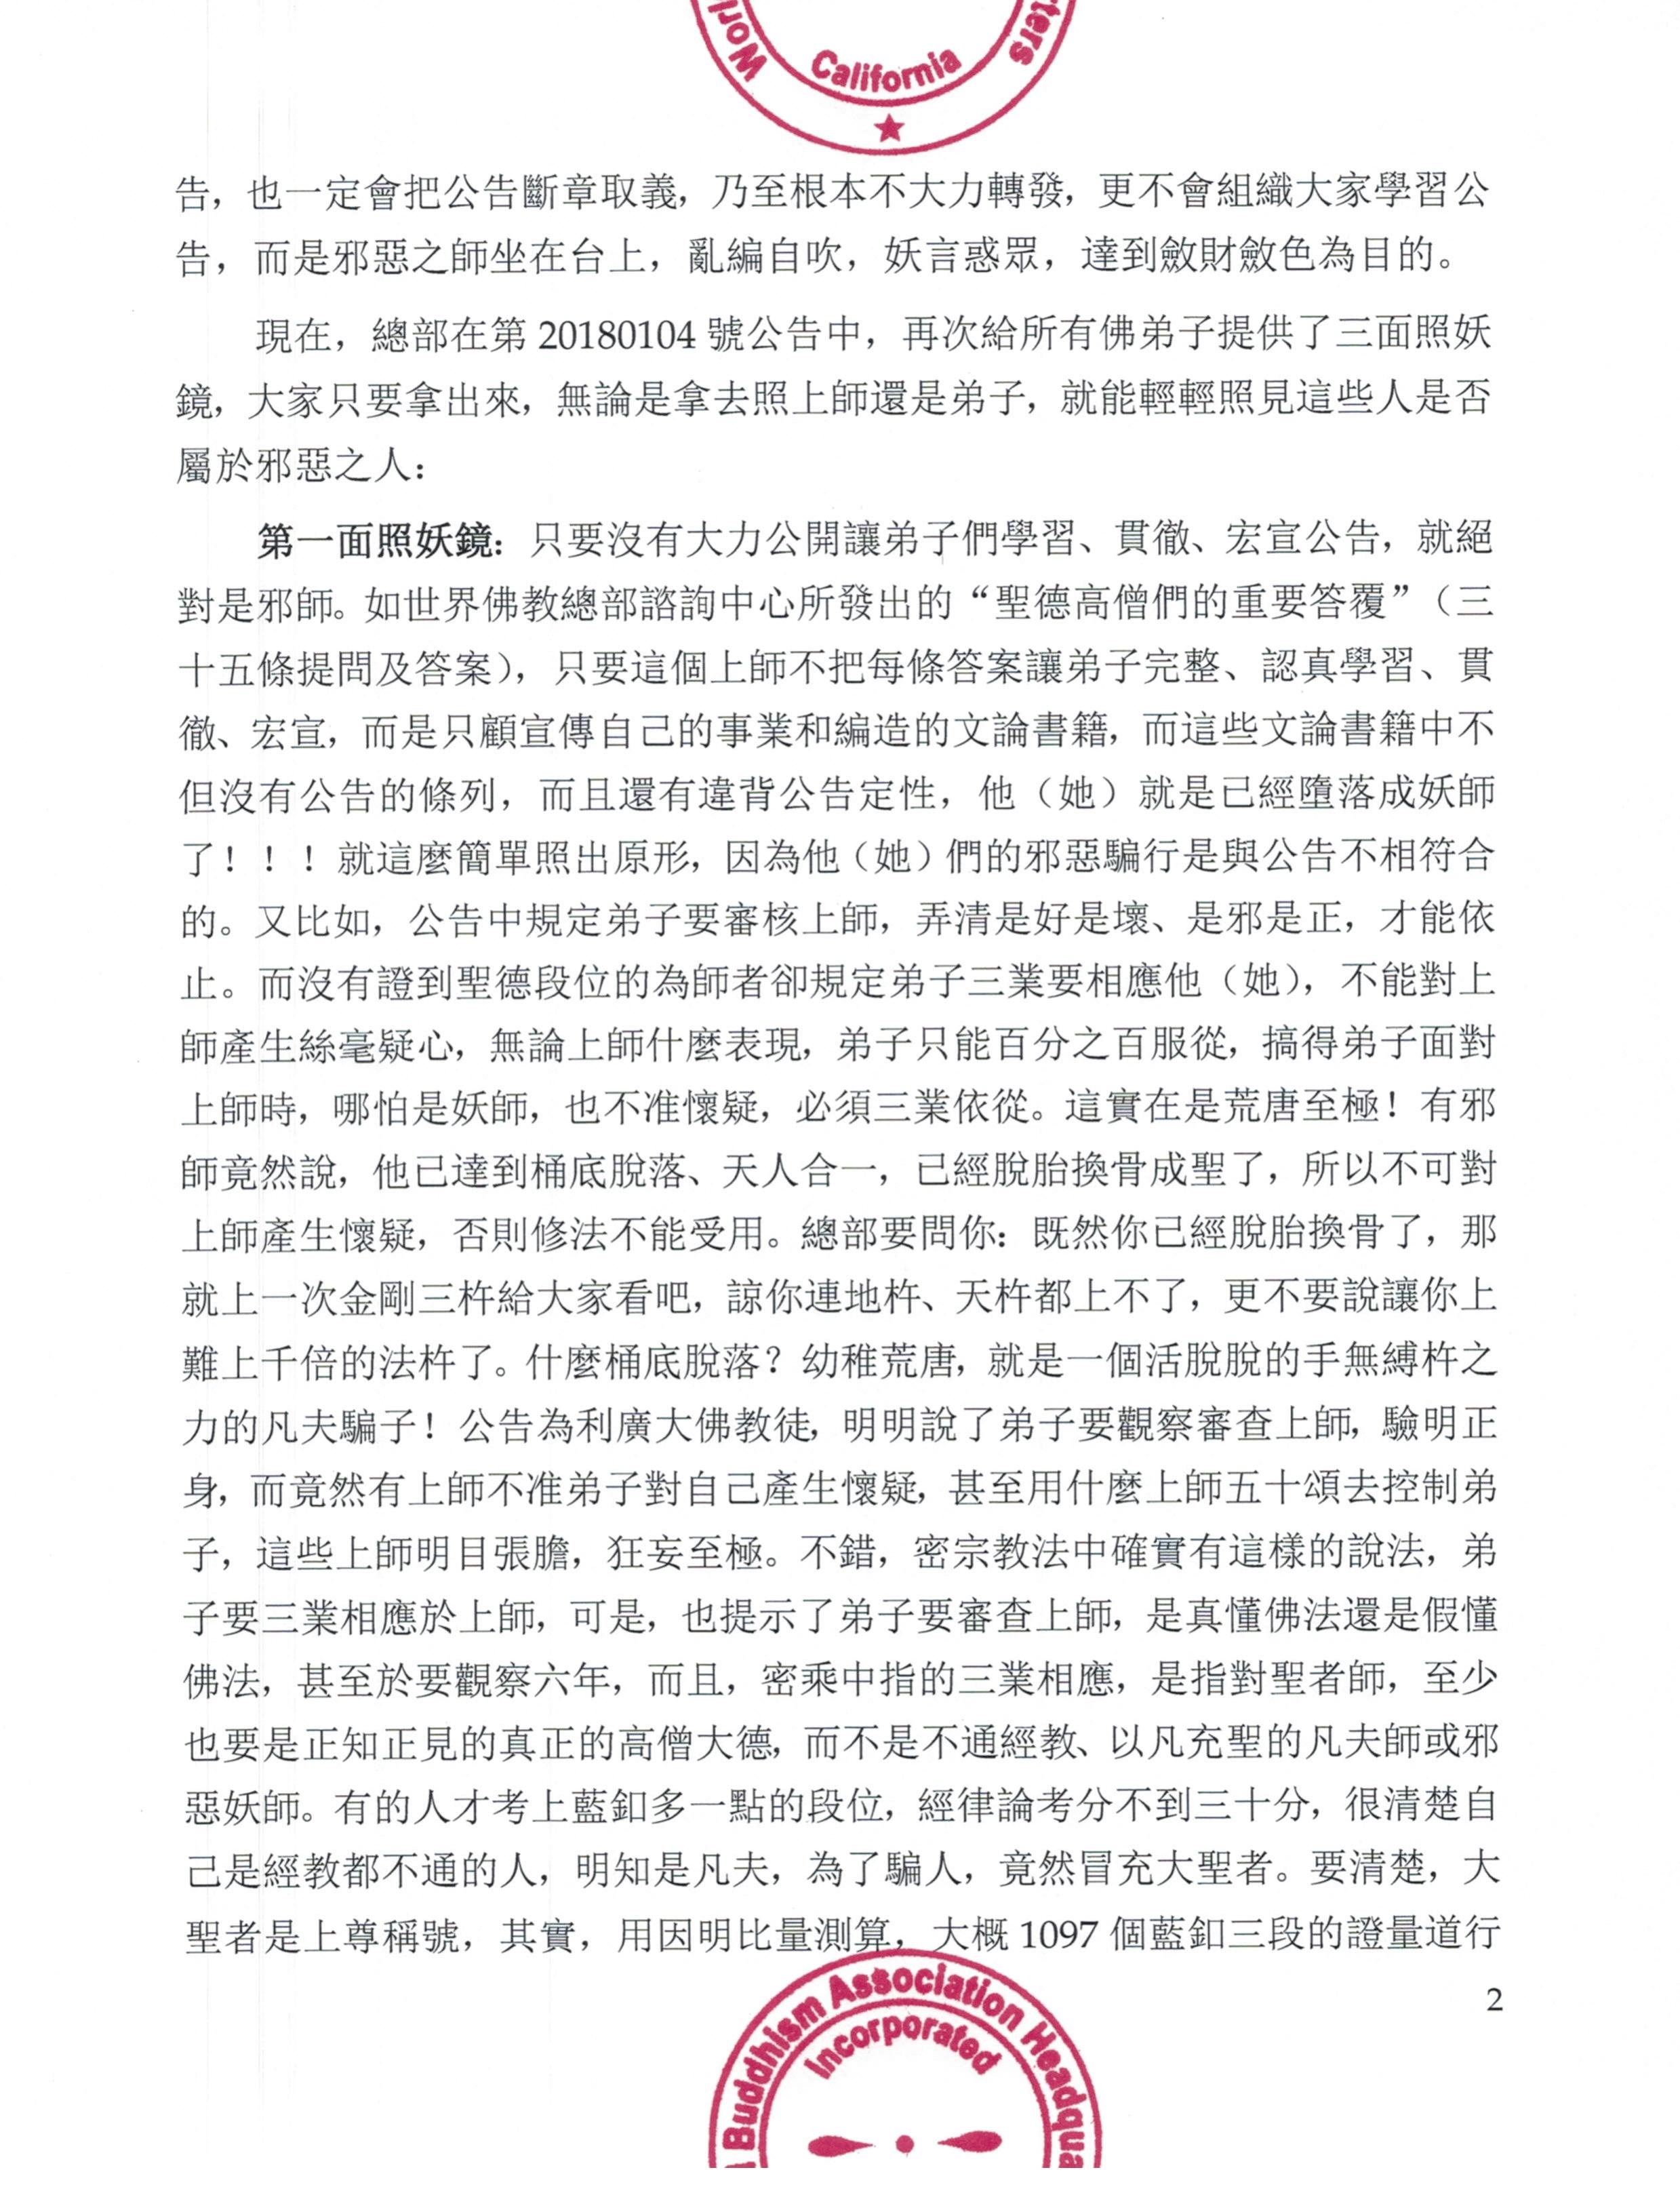 """世界佛教總部說明(第20180101號)-對第20180104號公告""""拿出三面照妖鏡""""的條例說明"""